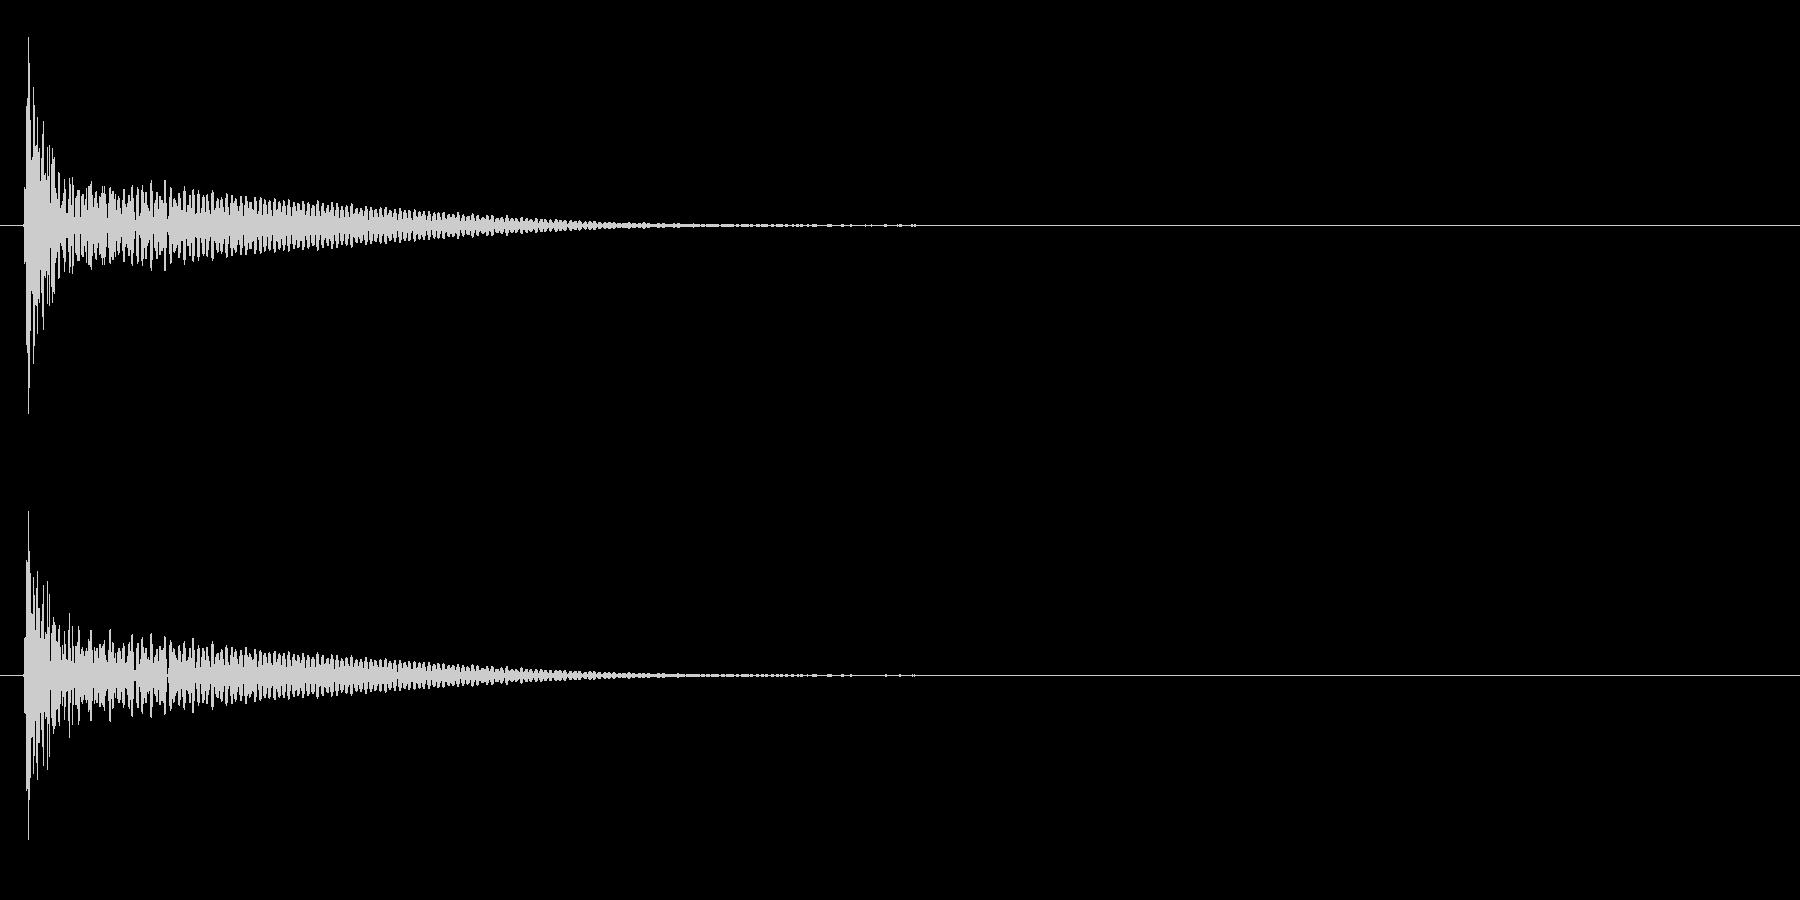 「ドン」和太鼓の大太鼓の単発音の未再生の波形